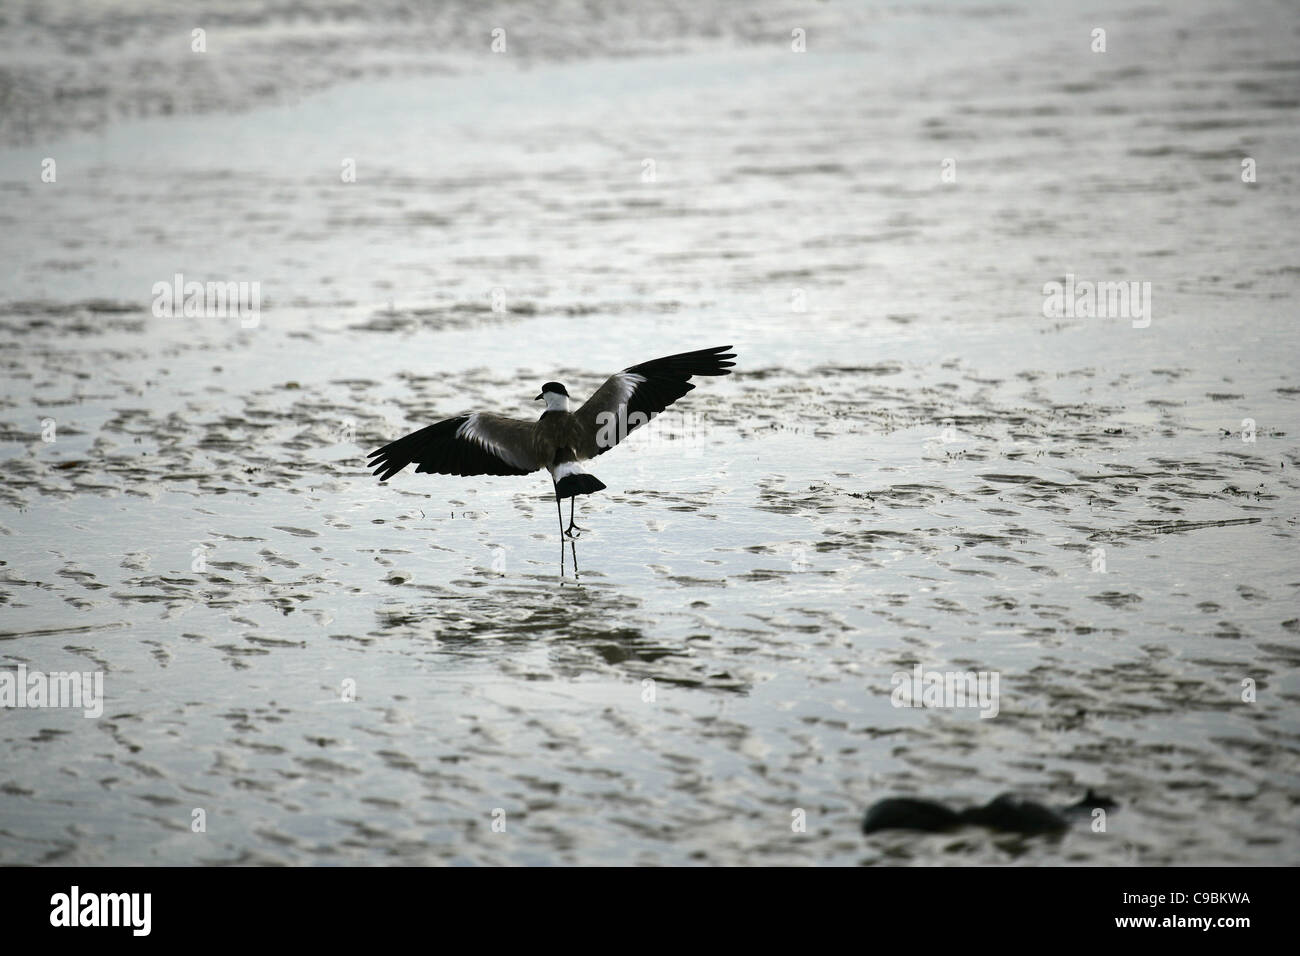 Africa, Guinea Bissau, uccello sulla spiaggia bagnata Immagini Stock